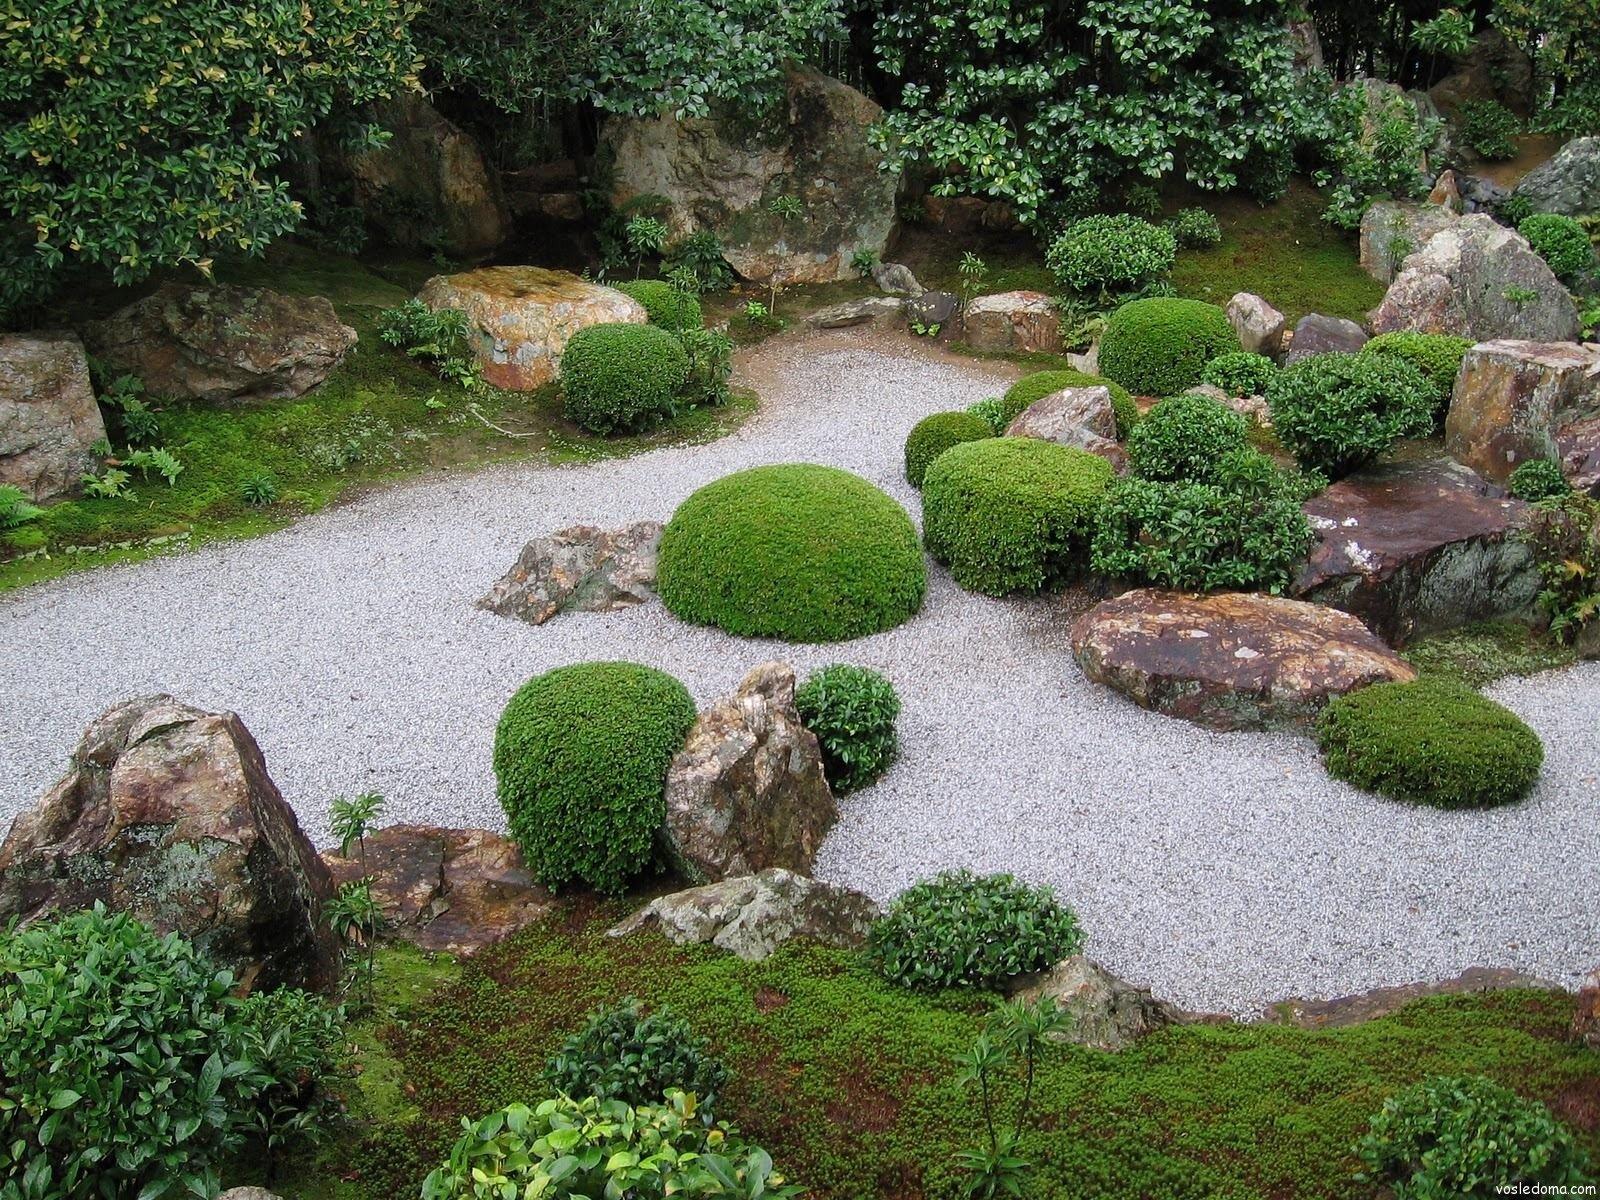 обоих островах гравийный сад фото может